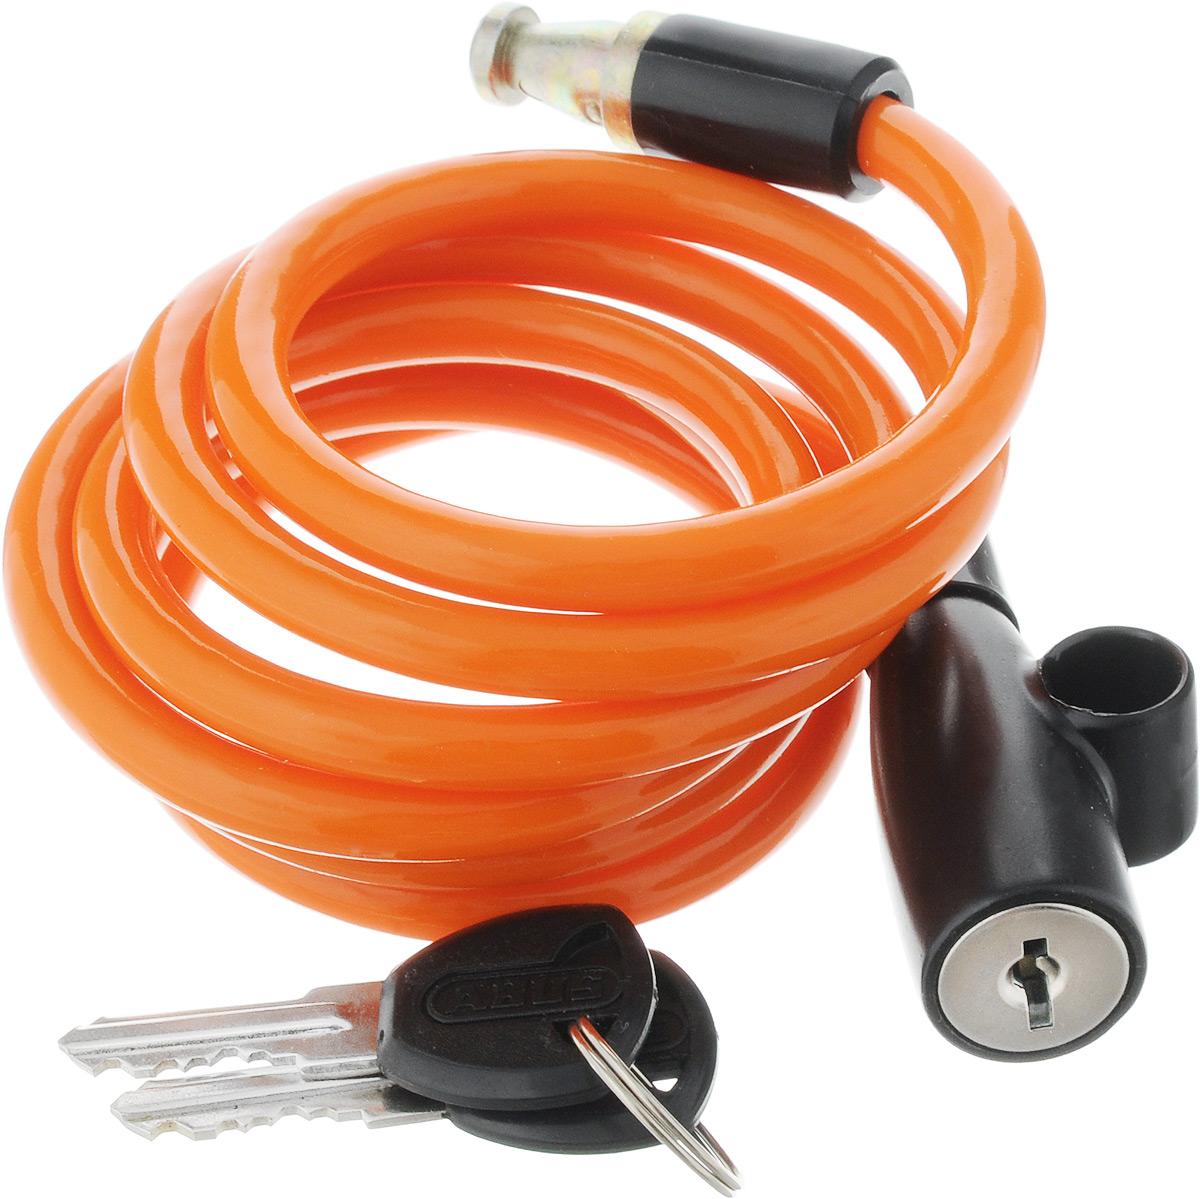 Велозамок Abus 1950/120 Kids, с ключами, цвет: оранжевый, диаметр 7 мм, длина 1,31 мХ82788Велосипедный замок Abus 1950/120 Kids - это отличная вещь для сохранности вашего велосипеда. Замок, выполненный из прочного пластика, оснащен металлическим тросом обтянутым мягким ПВХ. Блокируется при помощи ключа.Количество ключей: 2 шт.Диаметр троса: 7 мм.Длина: 1,31 м.